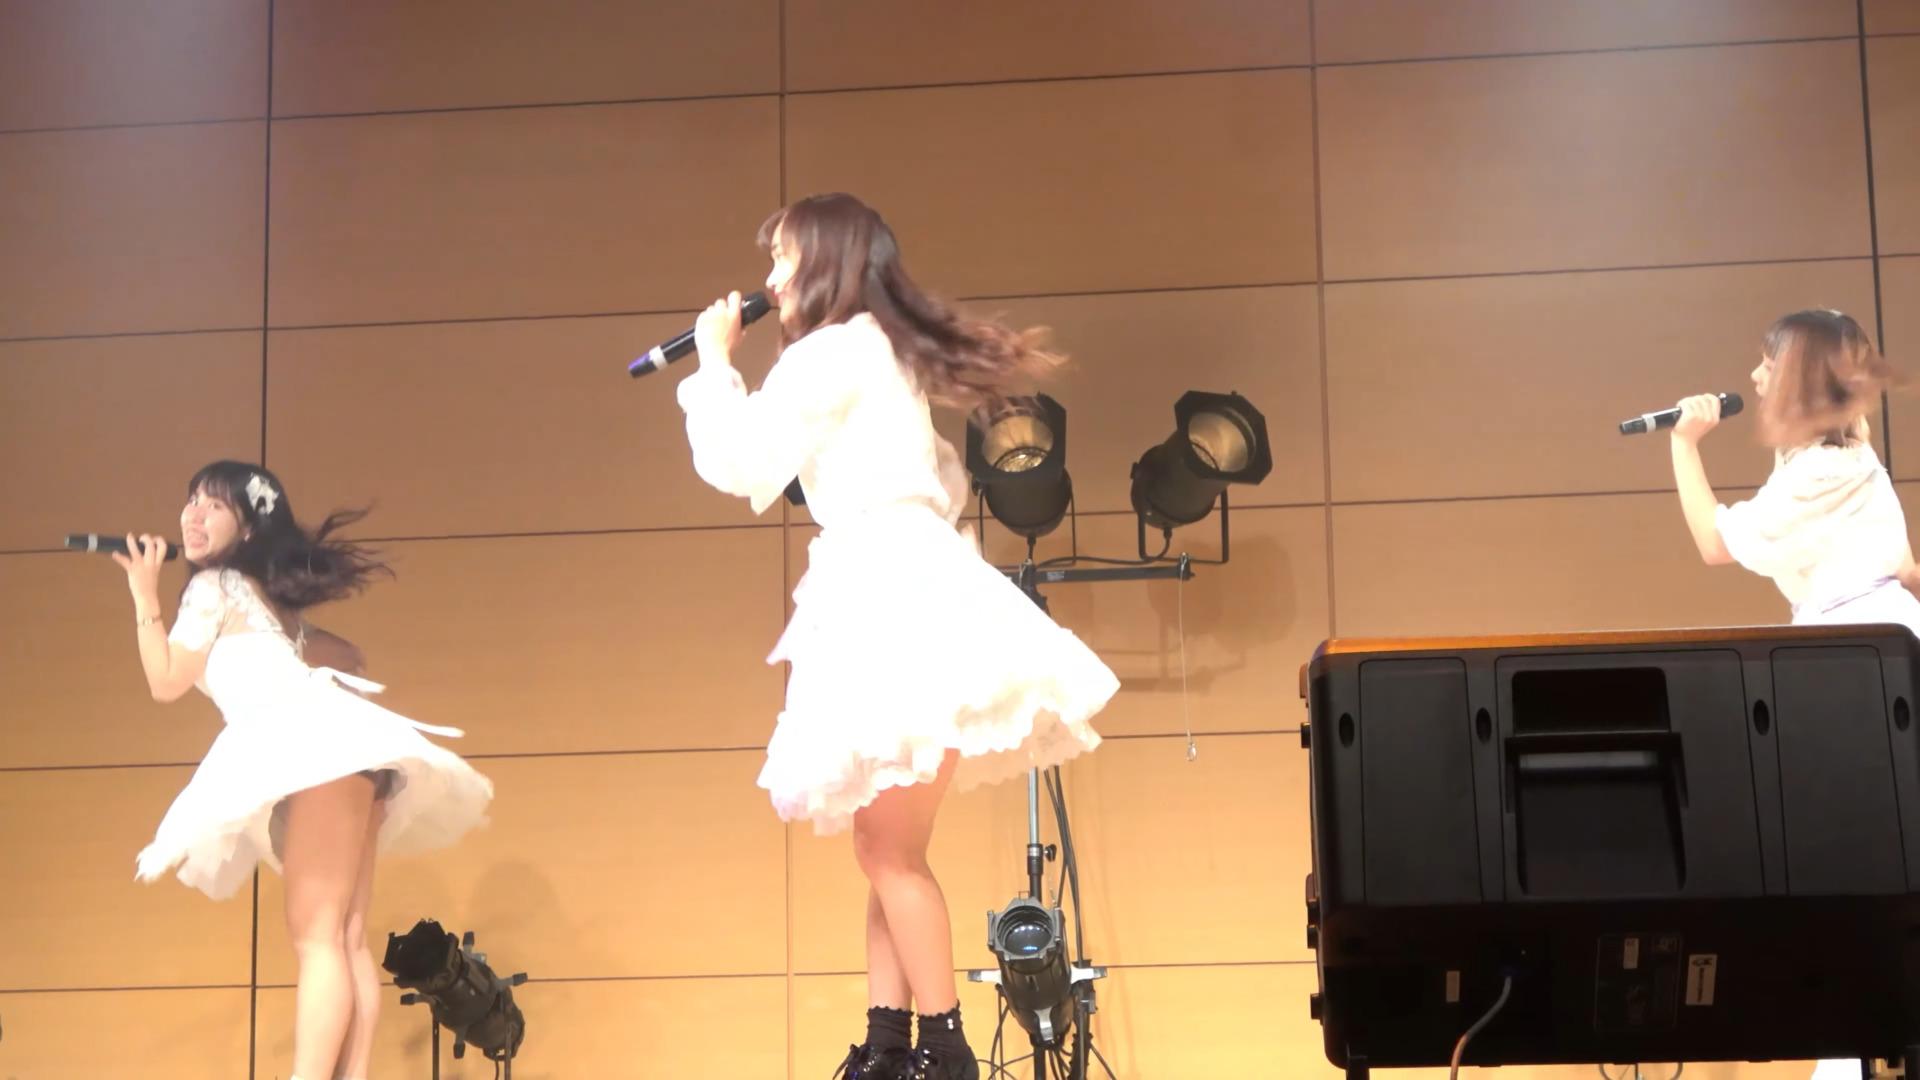 miss NERD_POP IN FESTIVAL 2021 【4K】 01:21